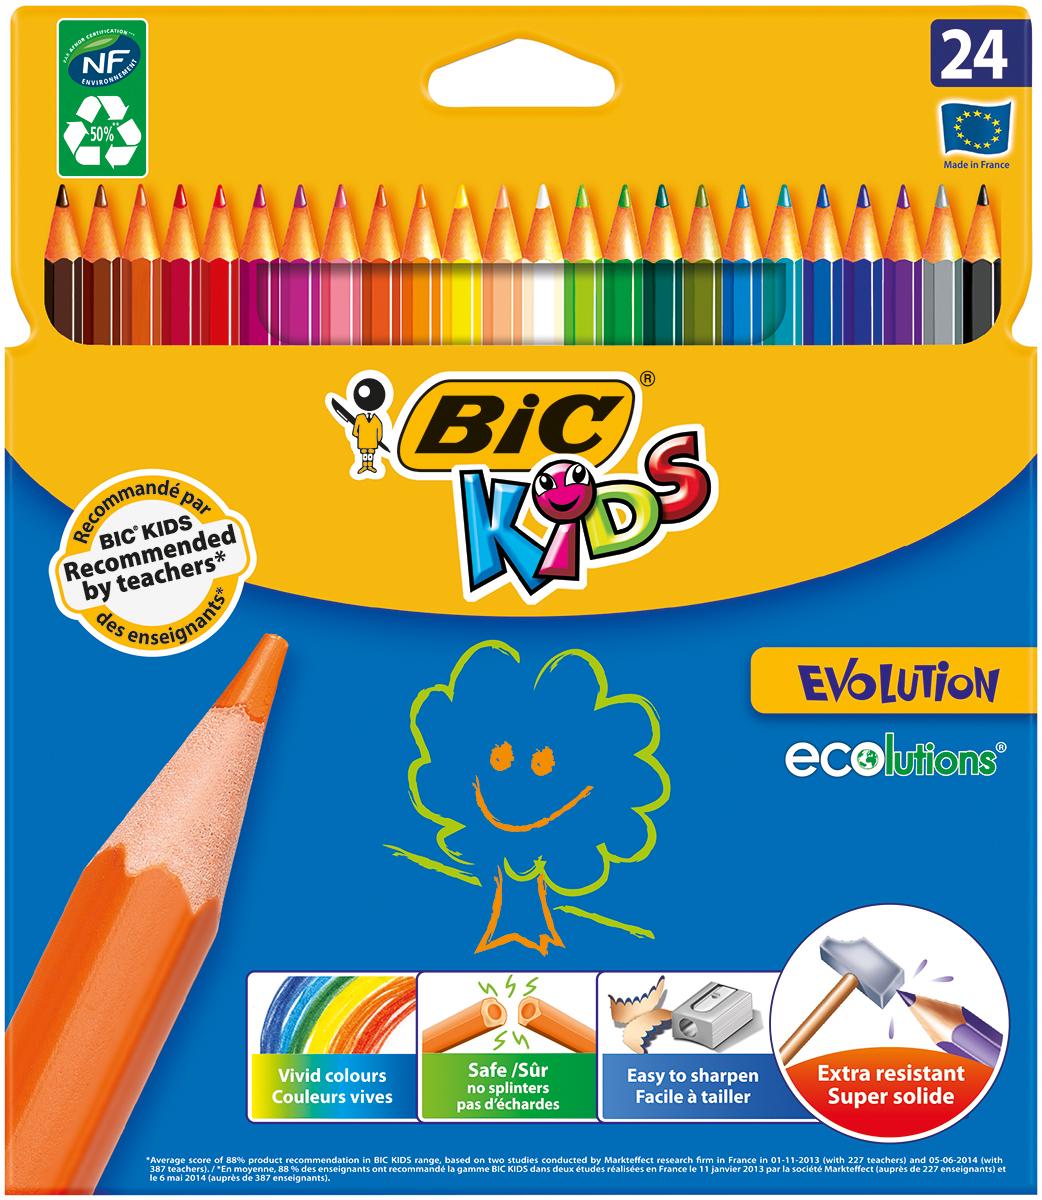 Bic Набор цветных карандашей Evolution 24 цвета610842Набор цветных карандашей Bic Evolution идеален для ежедневного использования маленькими художниками!В наборе карандаши 24 ярких цветов. Ультрапрочные цветные карандаши изготовлены без использования древесины. Цветной стержень обеспечивает отличную степень закрашивания.